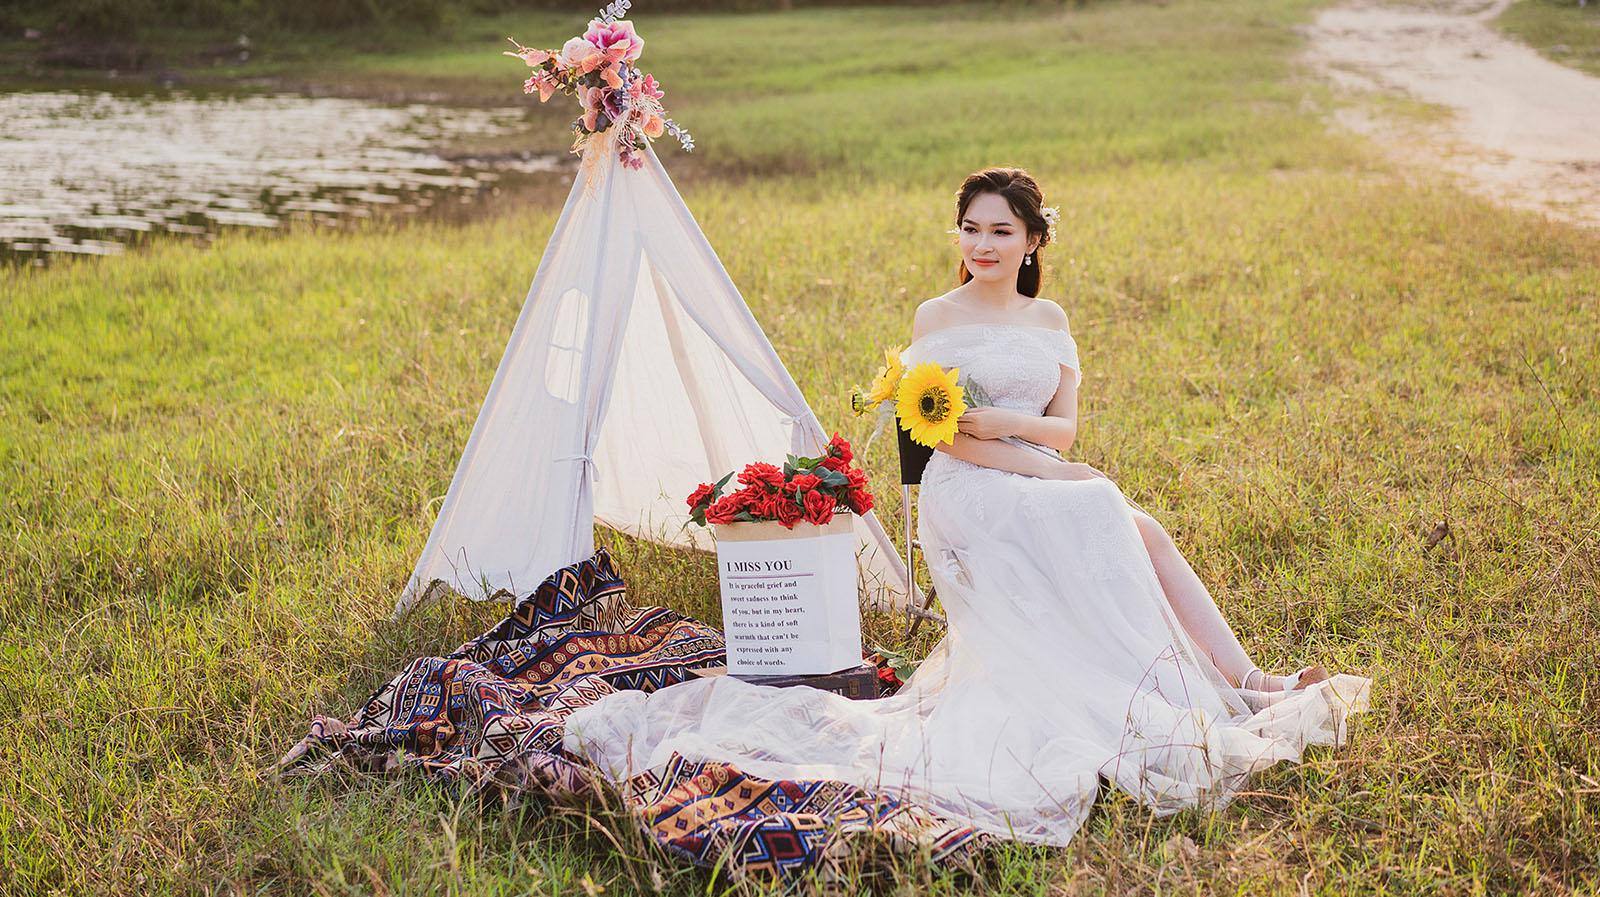 Kinh nghiệm chọn thời gian chụp ảnh cưới đẹp và hợp lý nhất